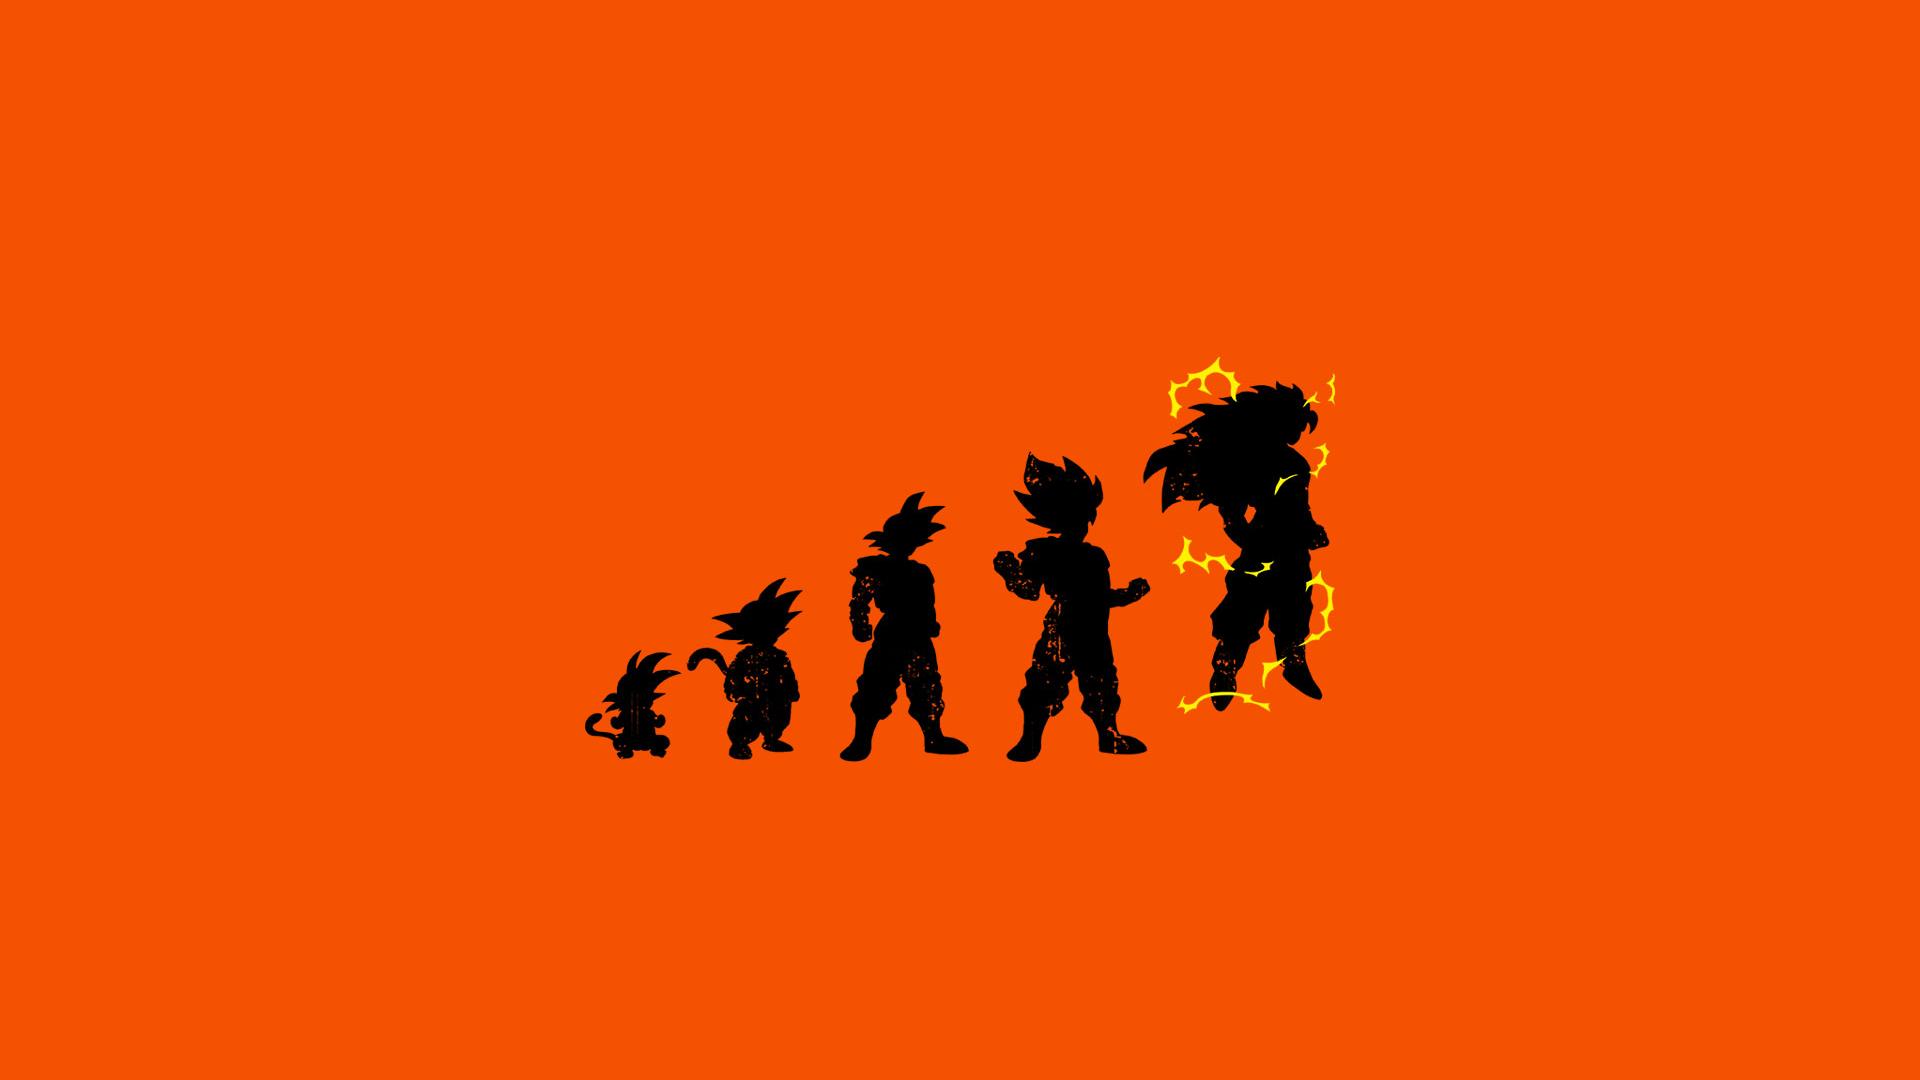 Goku Wallpaper hd for PC (5)